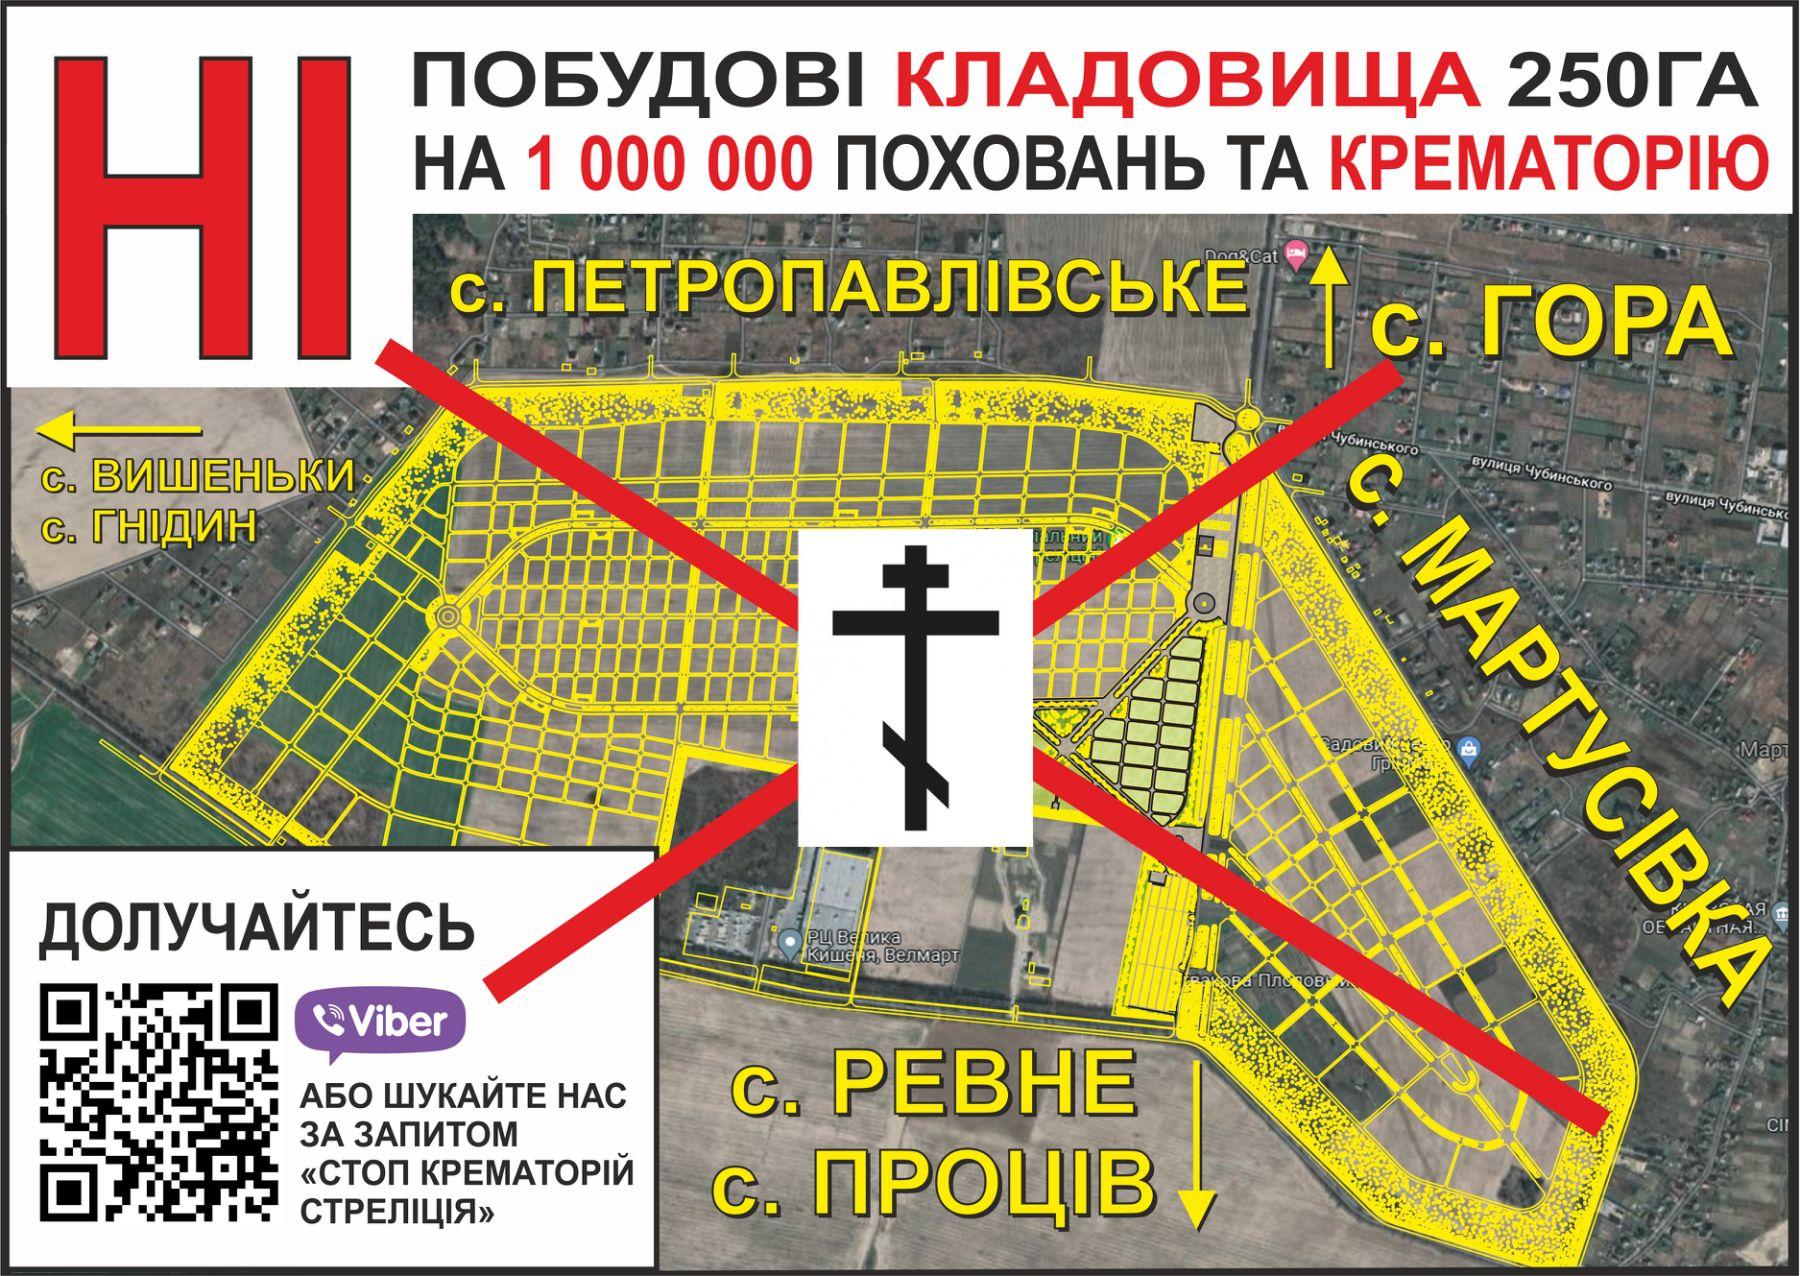 Стало відомо, хто стоїть за будівництвом скандального цвинтаря на мільйон поховань і крематорія на Київщині